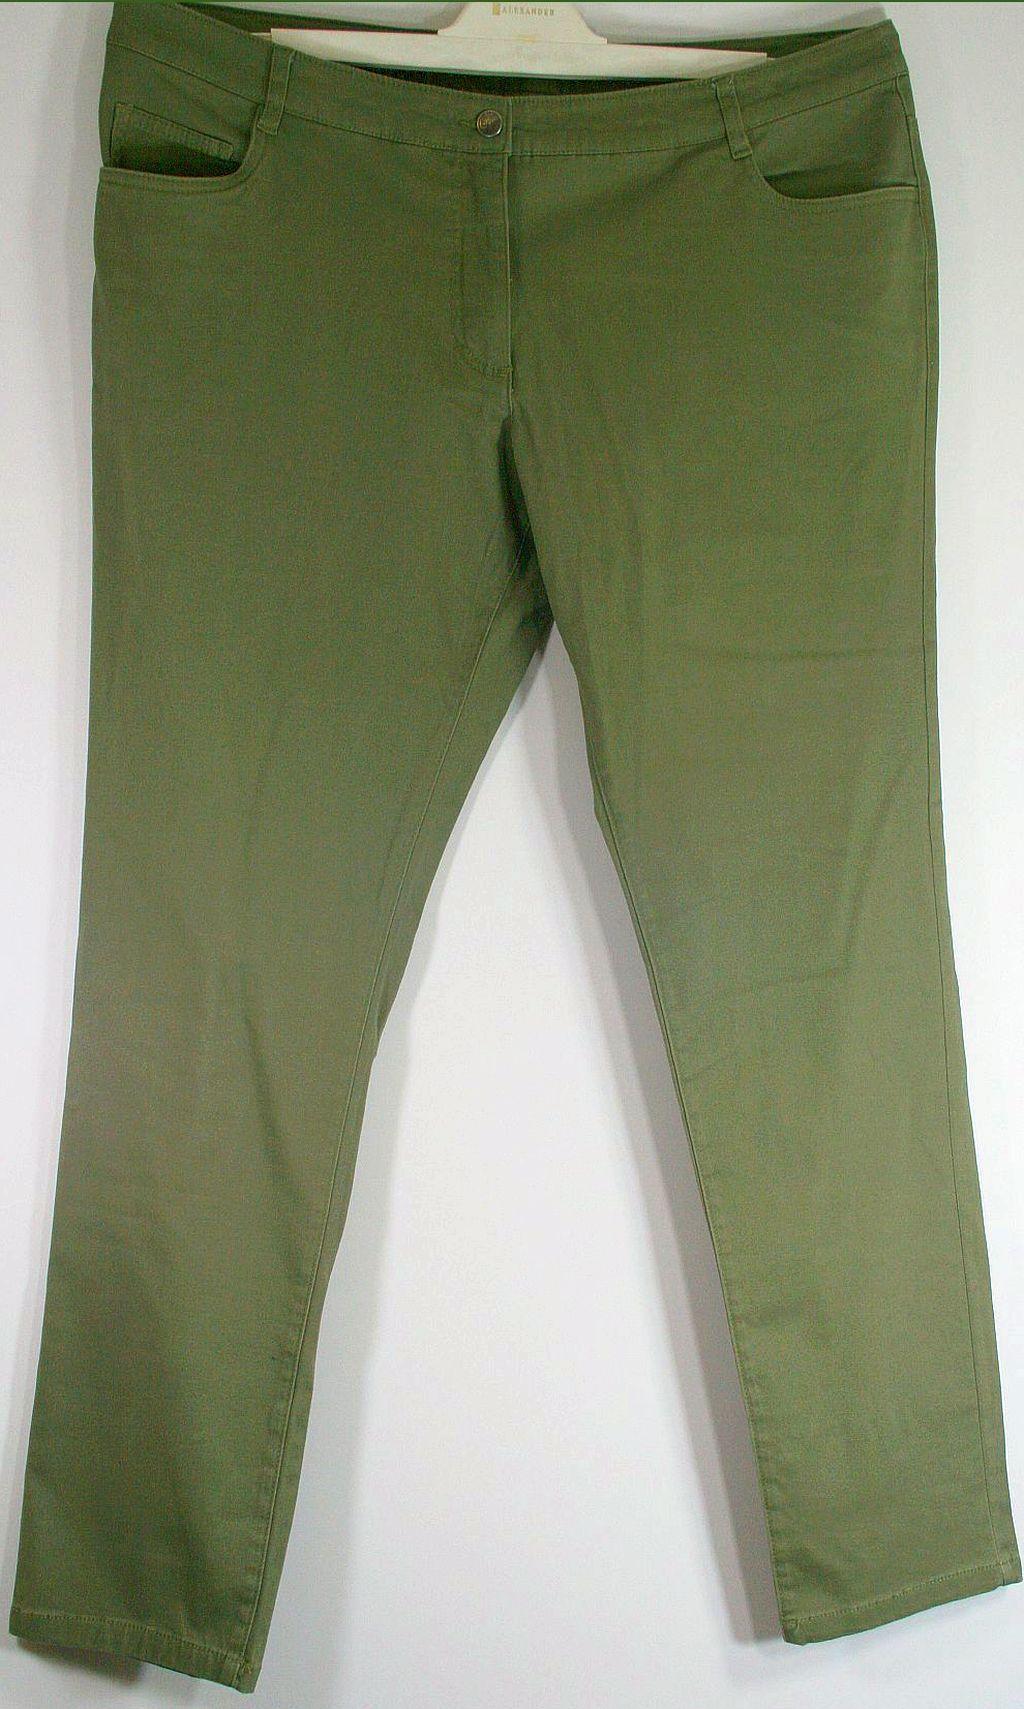 Spodnie khaki na guziki stretch Bawełna R 44